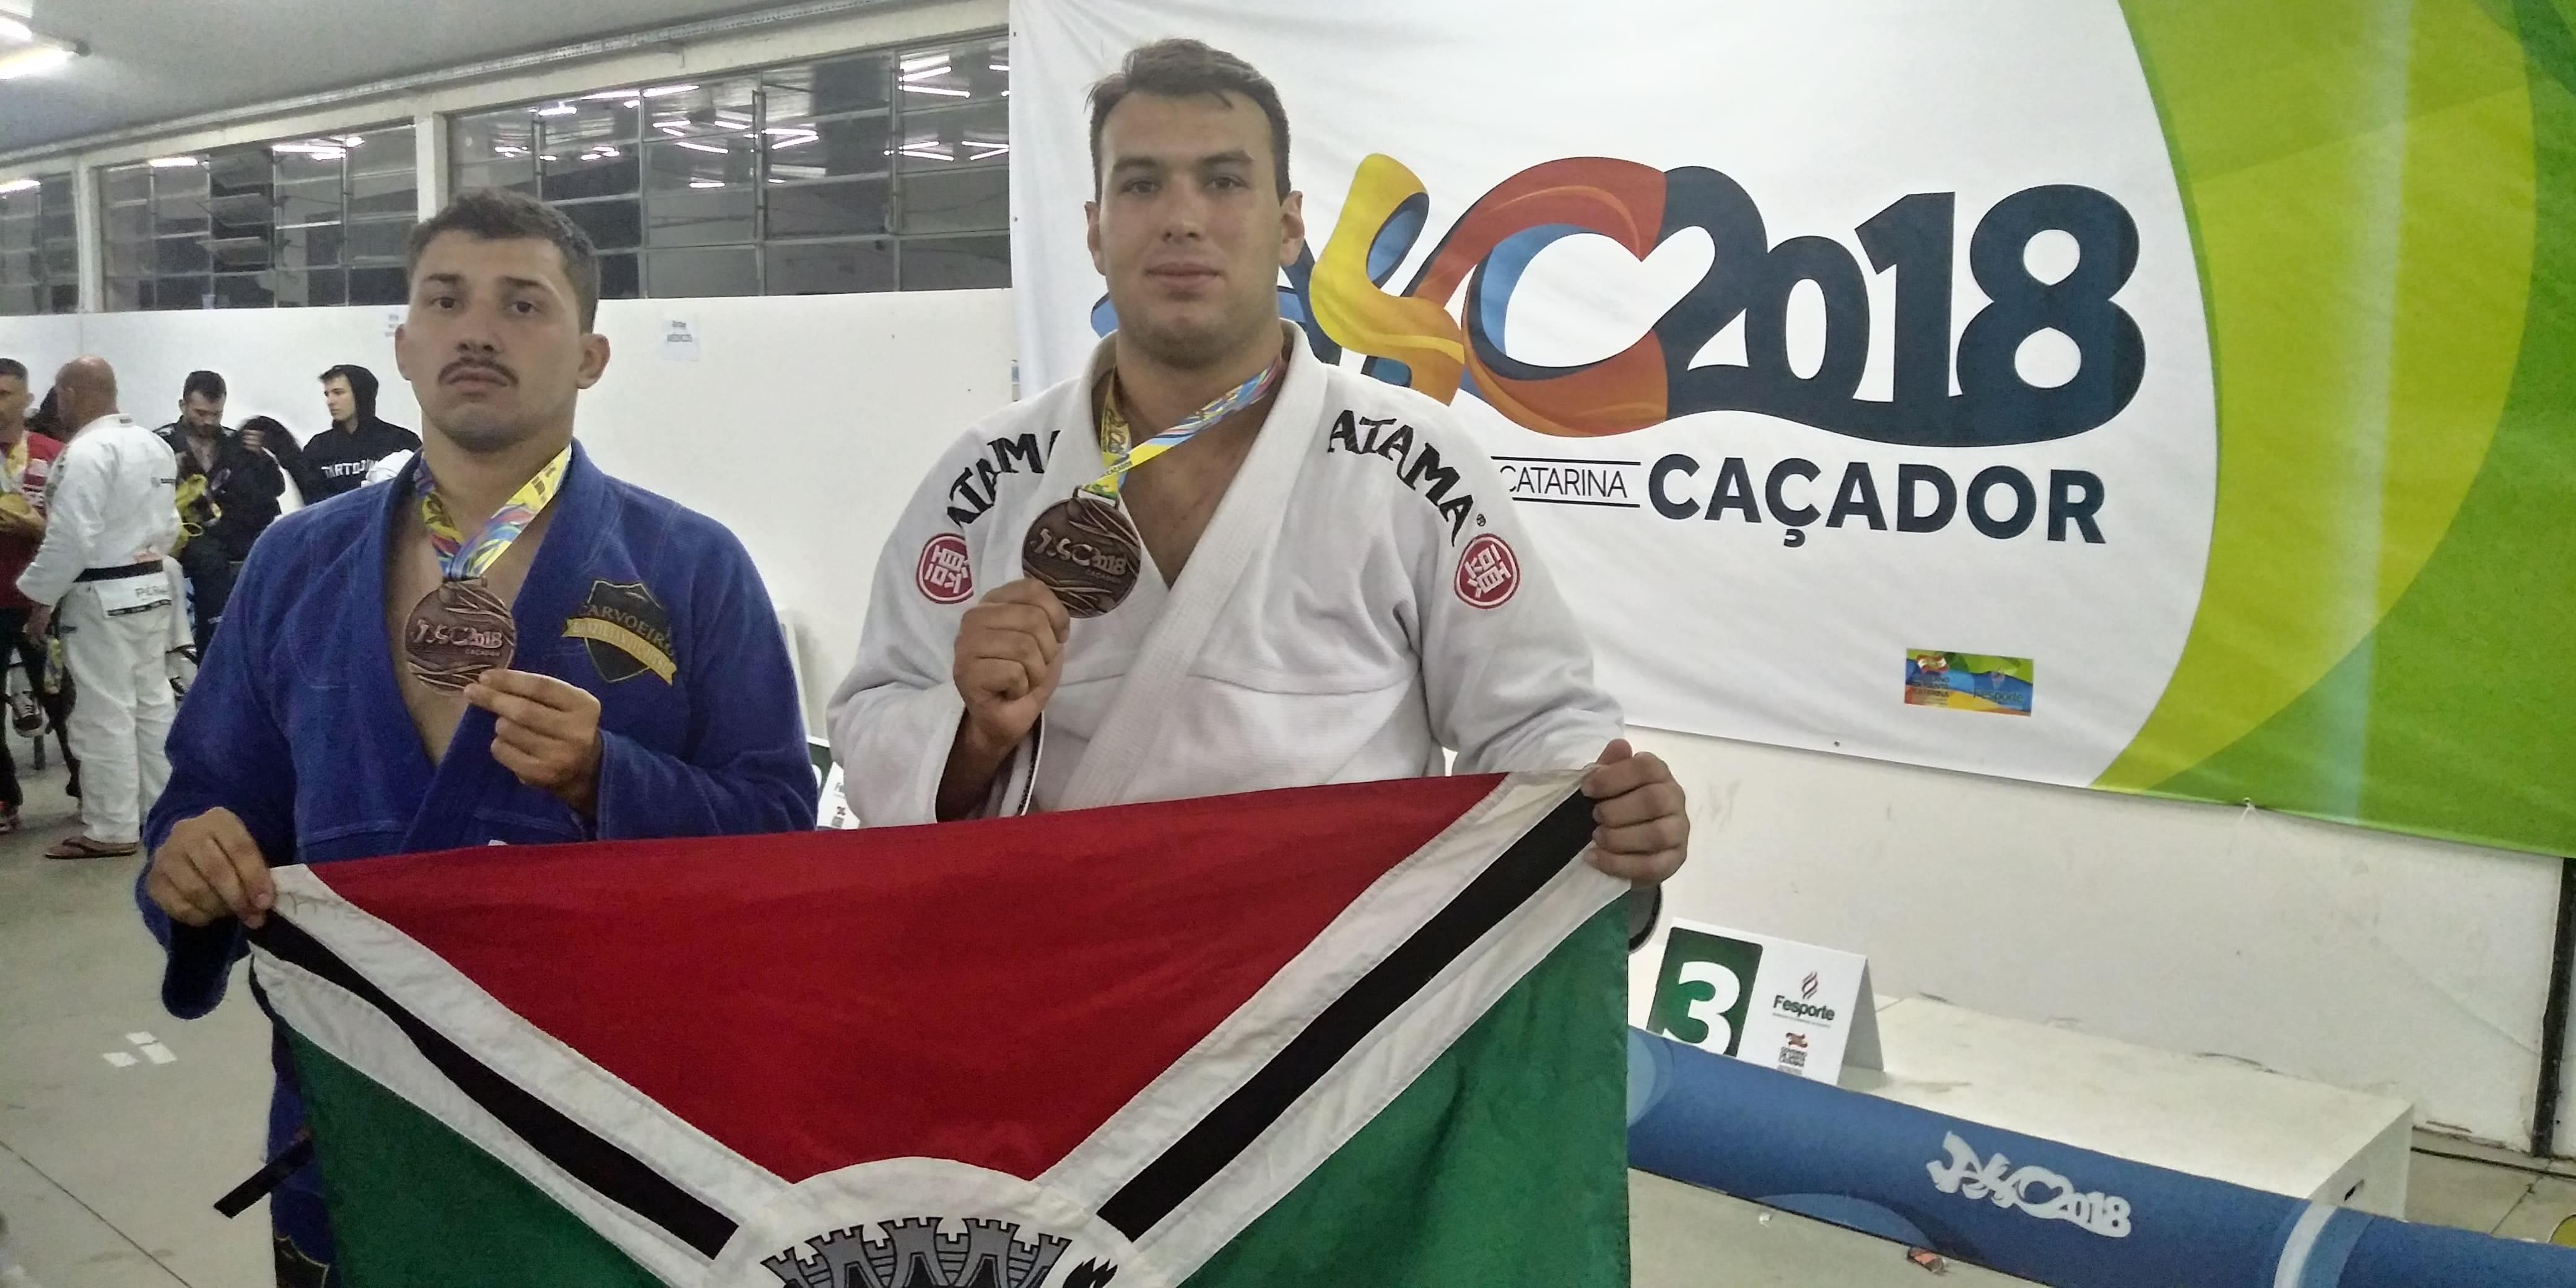 Jasc: Jiu-jitsu de Criciúma conquista duas medalhas de bronze